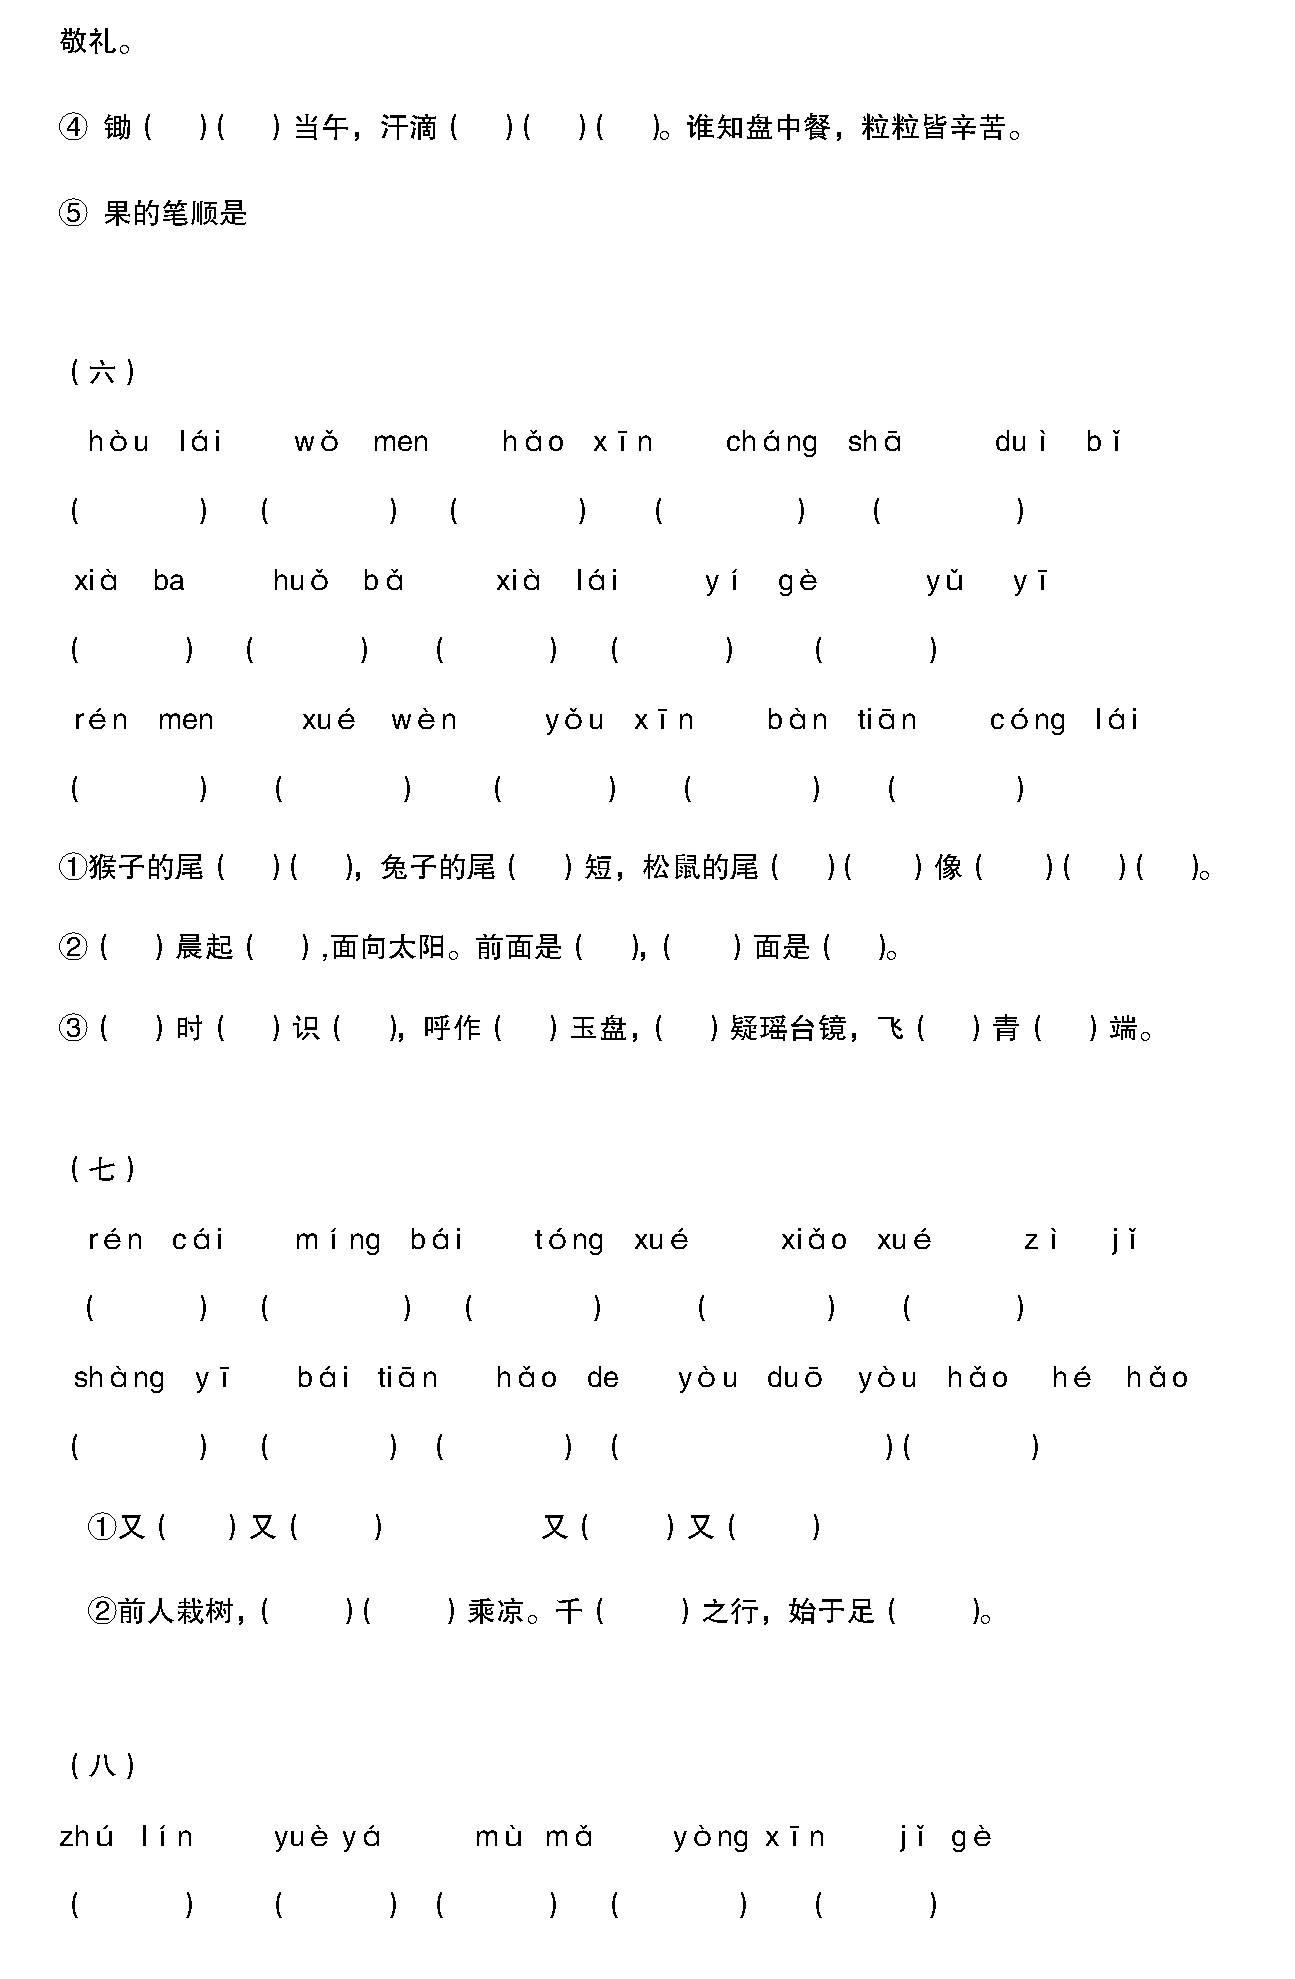 小学语文1~6年级上册全书知识点总结+电子教材+同步视频+ppt课件+(责编保举:数学视频jxfudao.com/xuesheng)